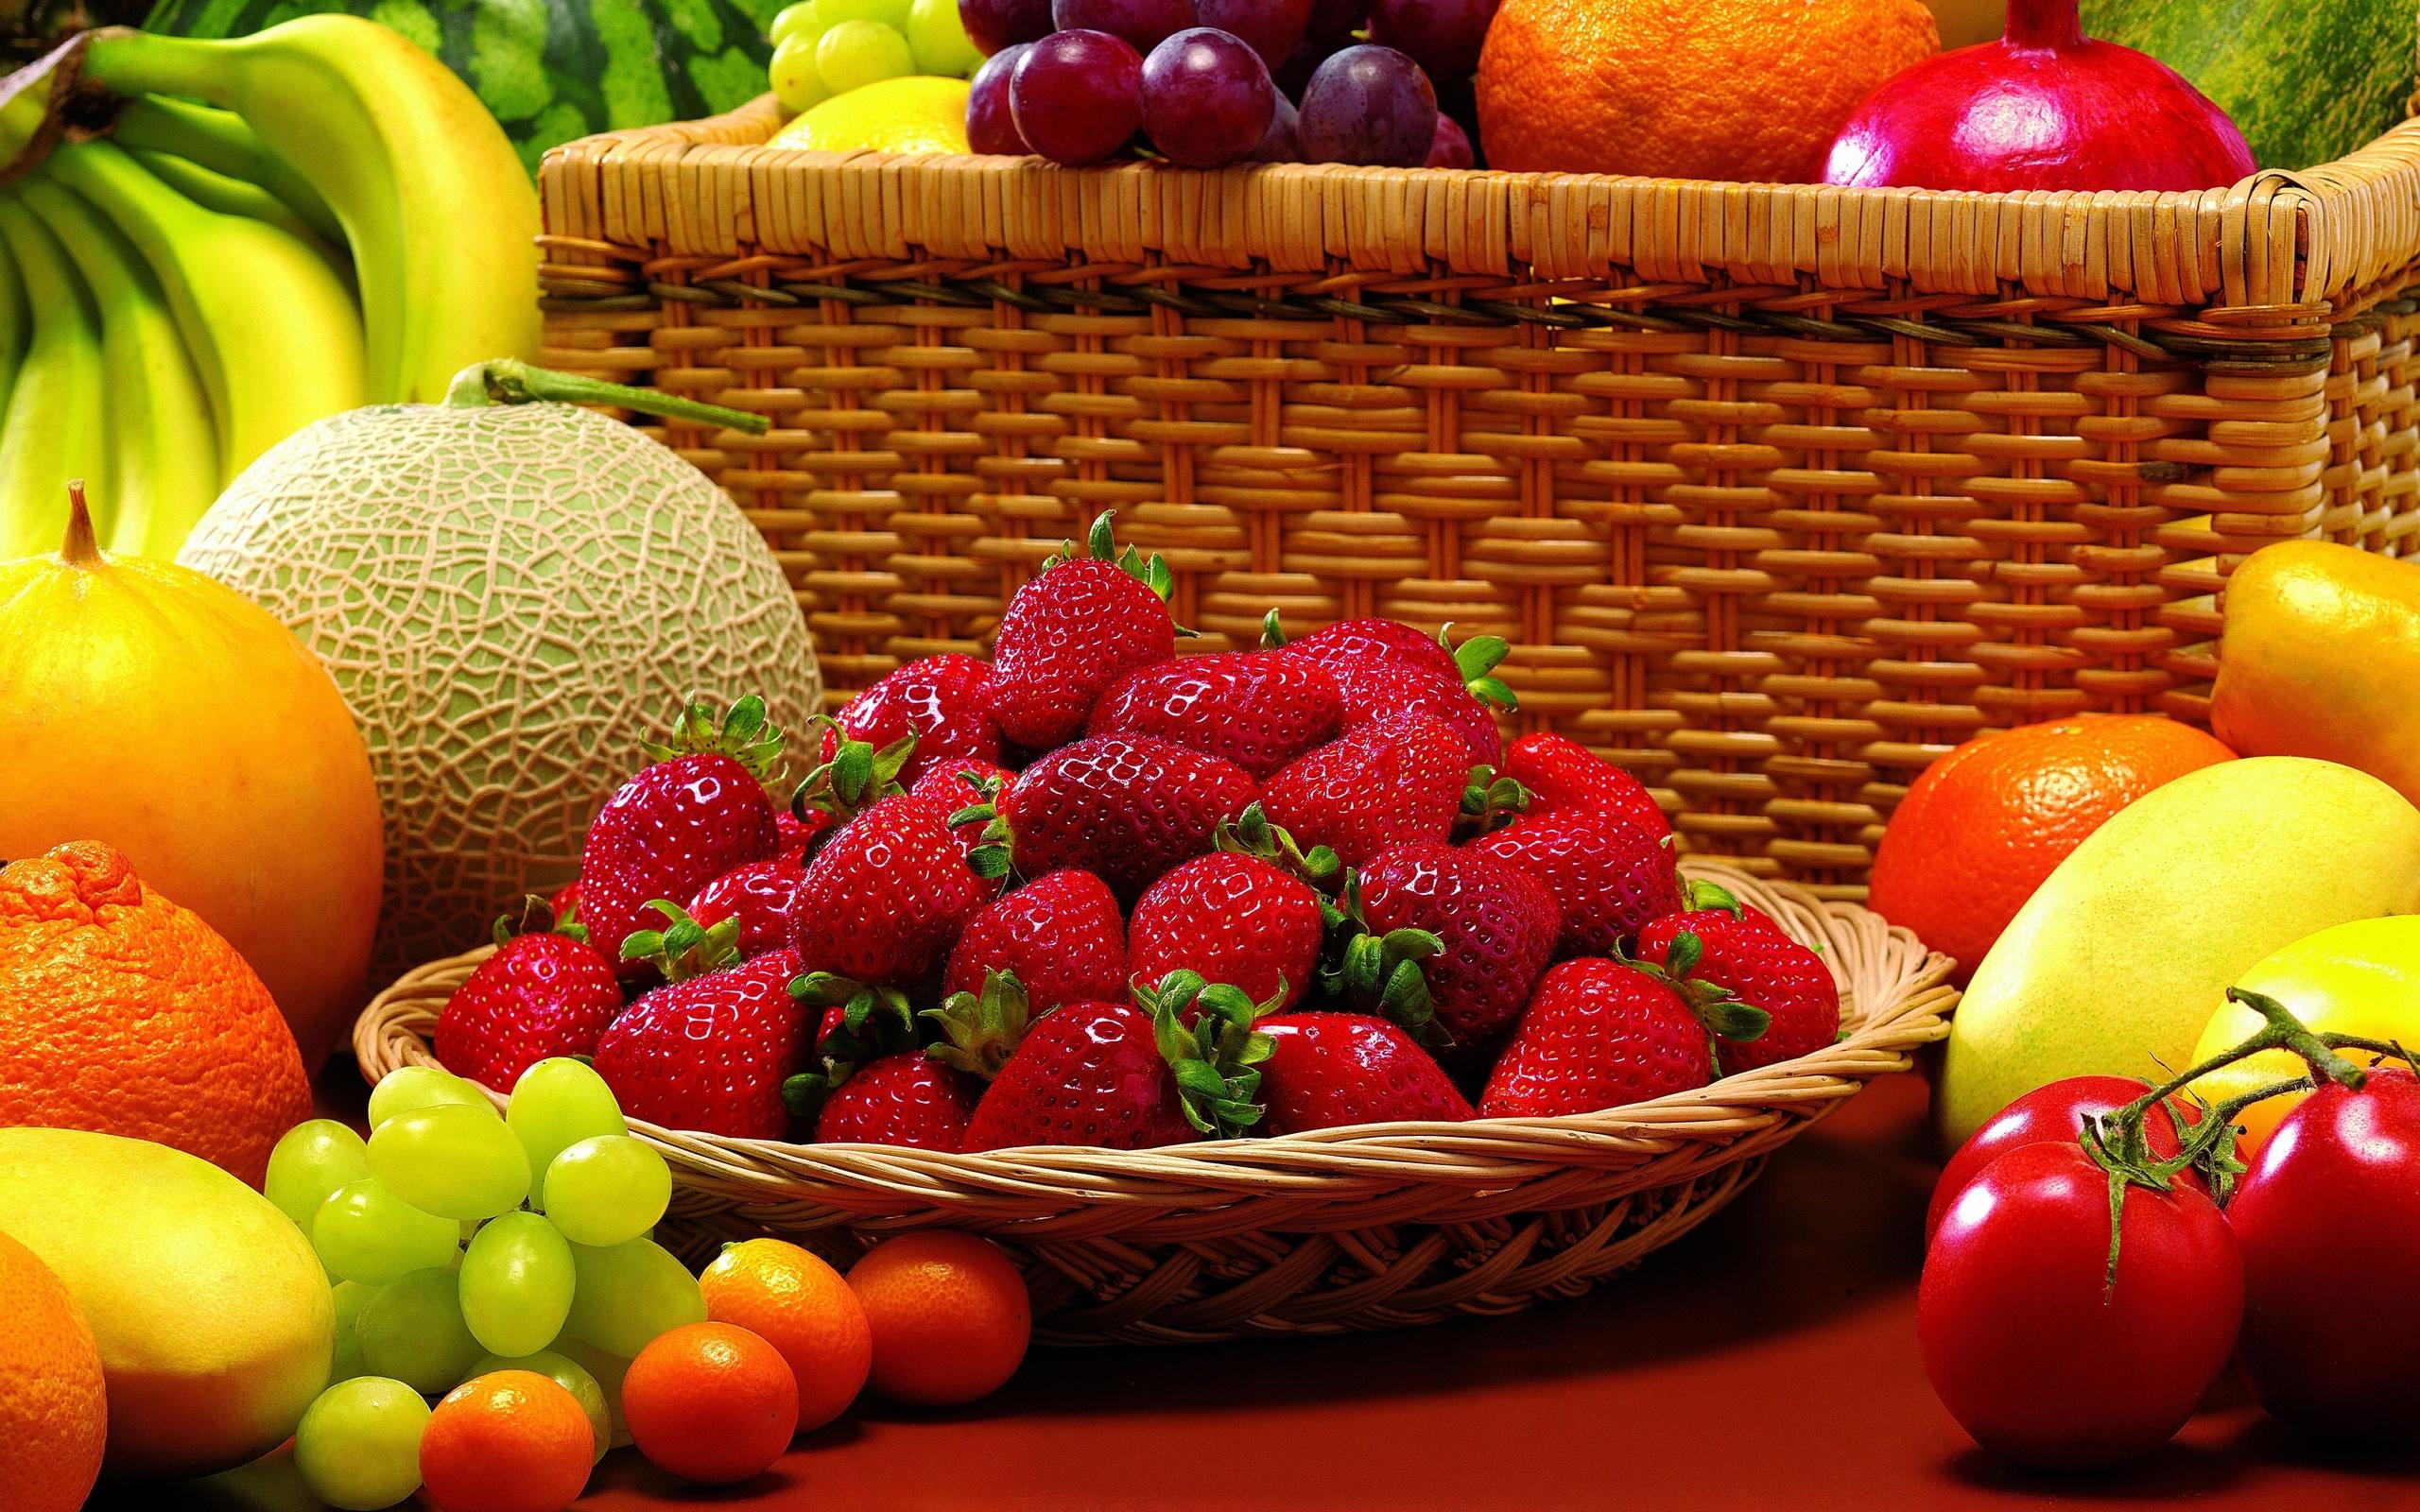 обои на рабочий стол овощи фрукты осень 15490